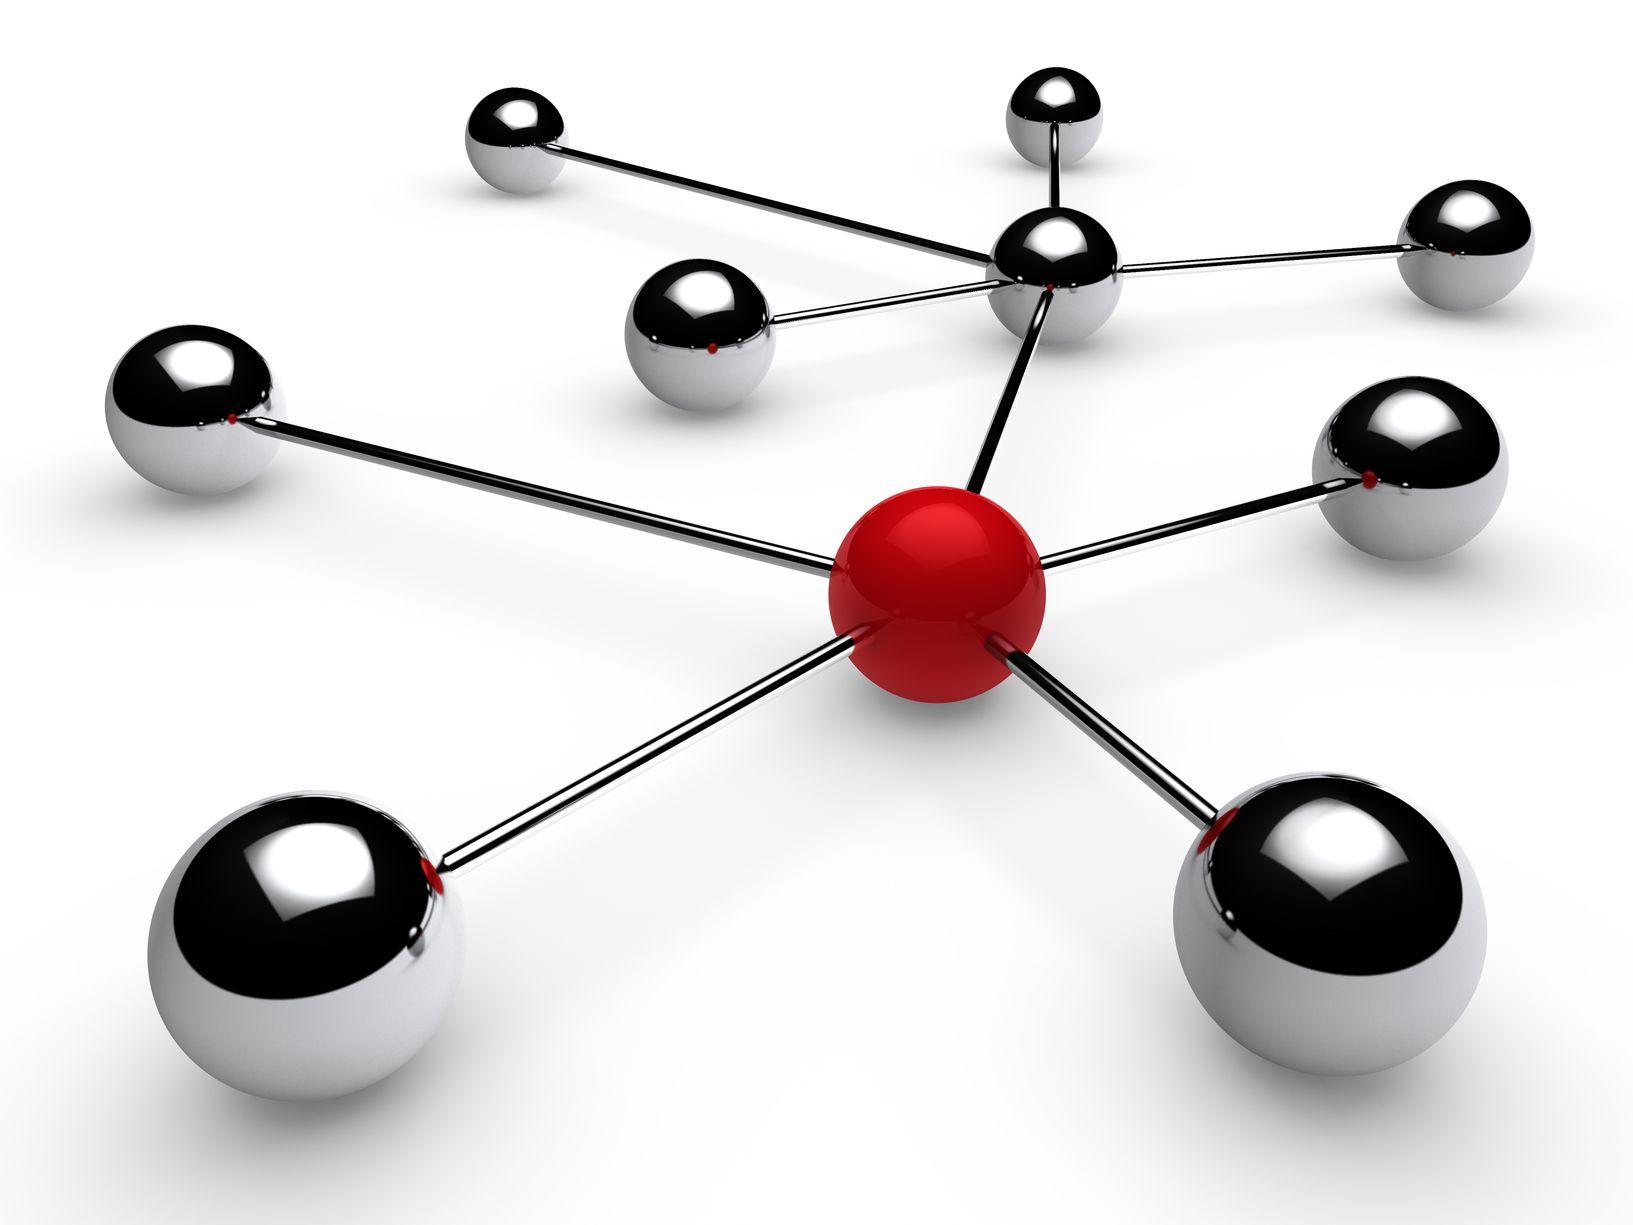 http://www.ict4executive.it/executive/approfondimenti/internet-of-things-ecco-due-tecnologie-da-conoscere-di-cui-una-italiana_4367215615.htm Interessante articolo su internet delle Cose ( IoT )